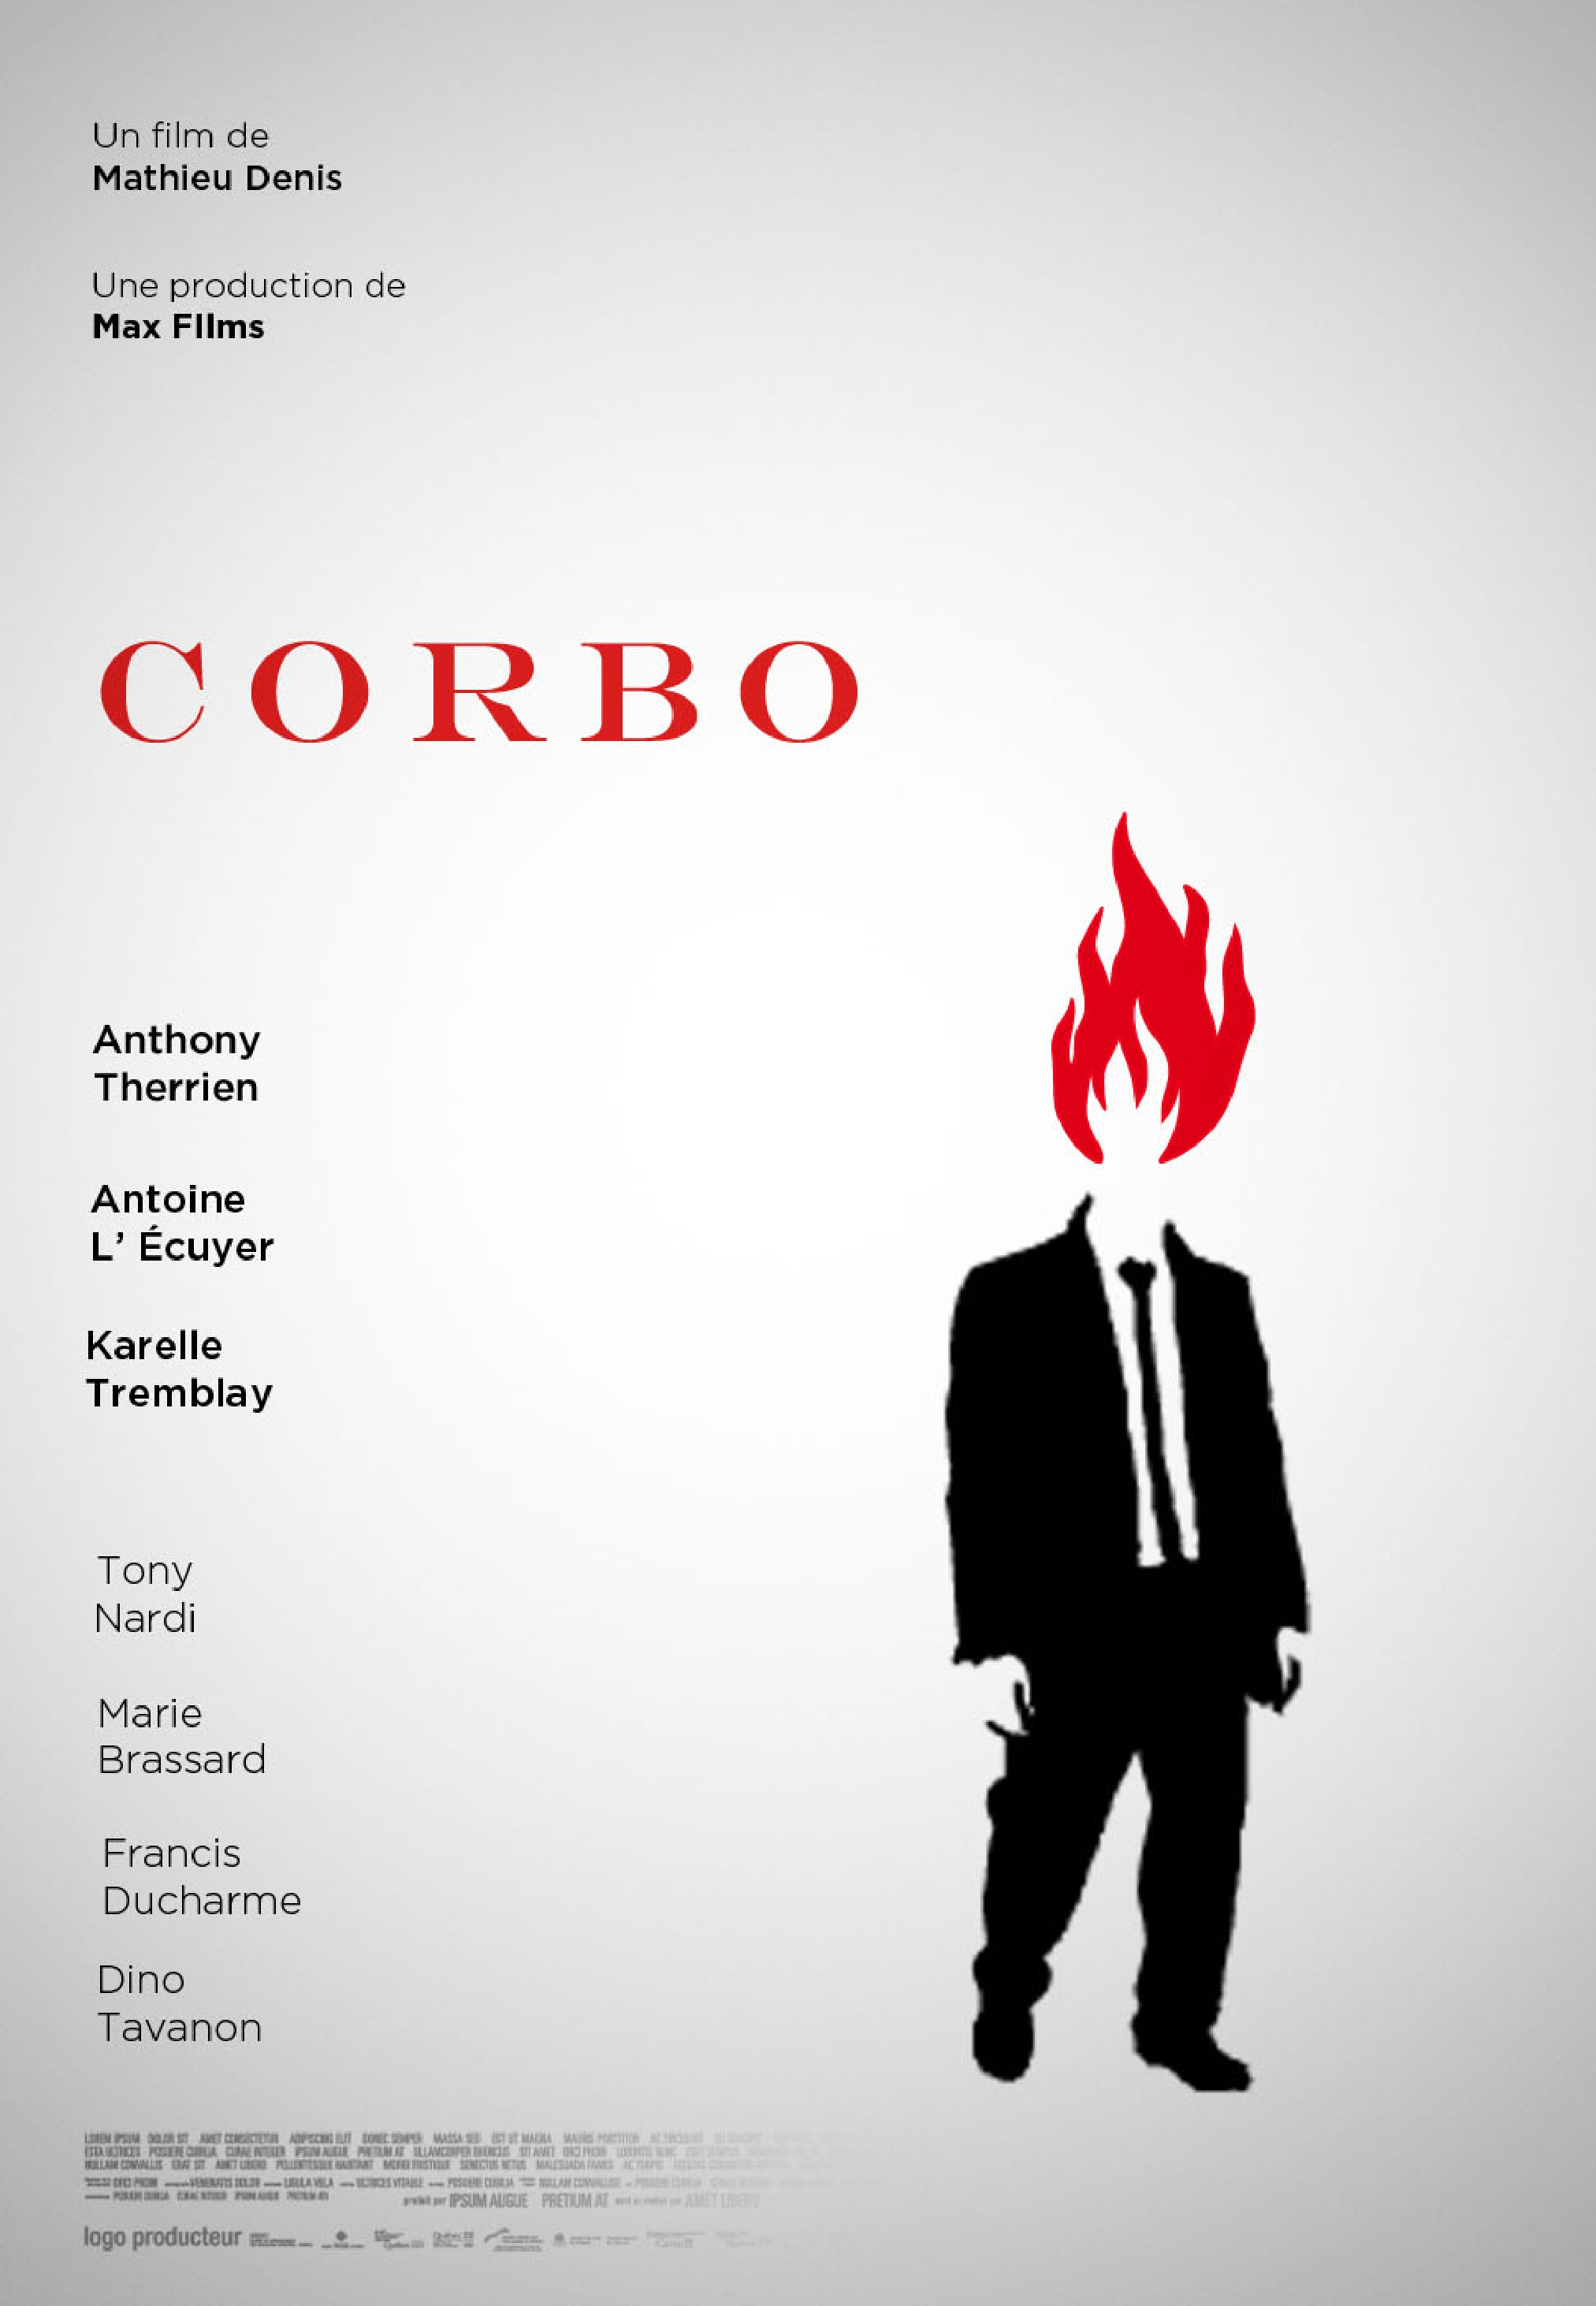 CORBO-Poster-RENZO-27oct_00021.jpg